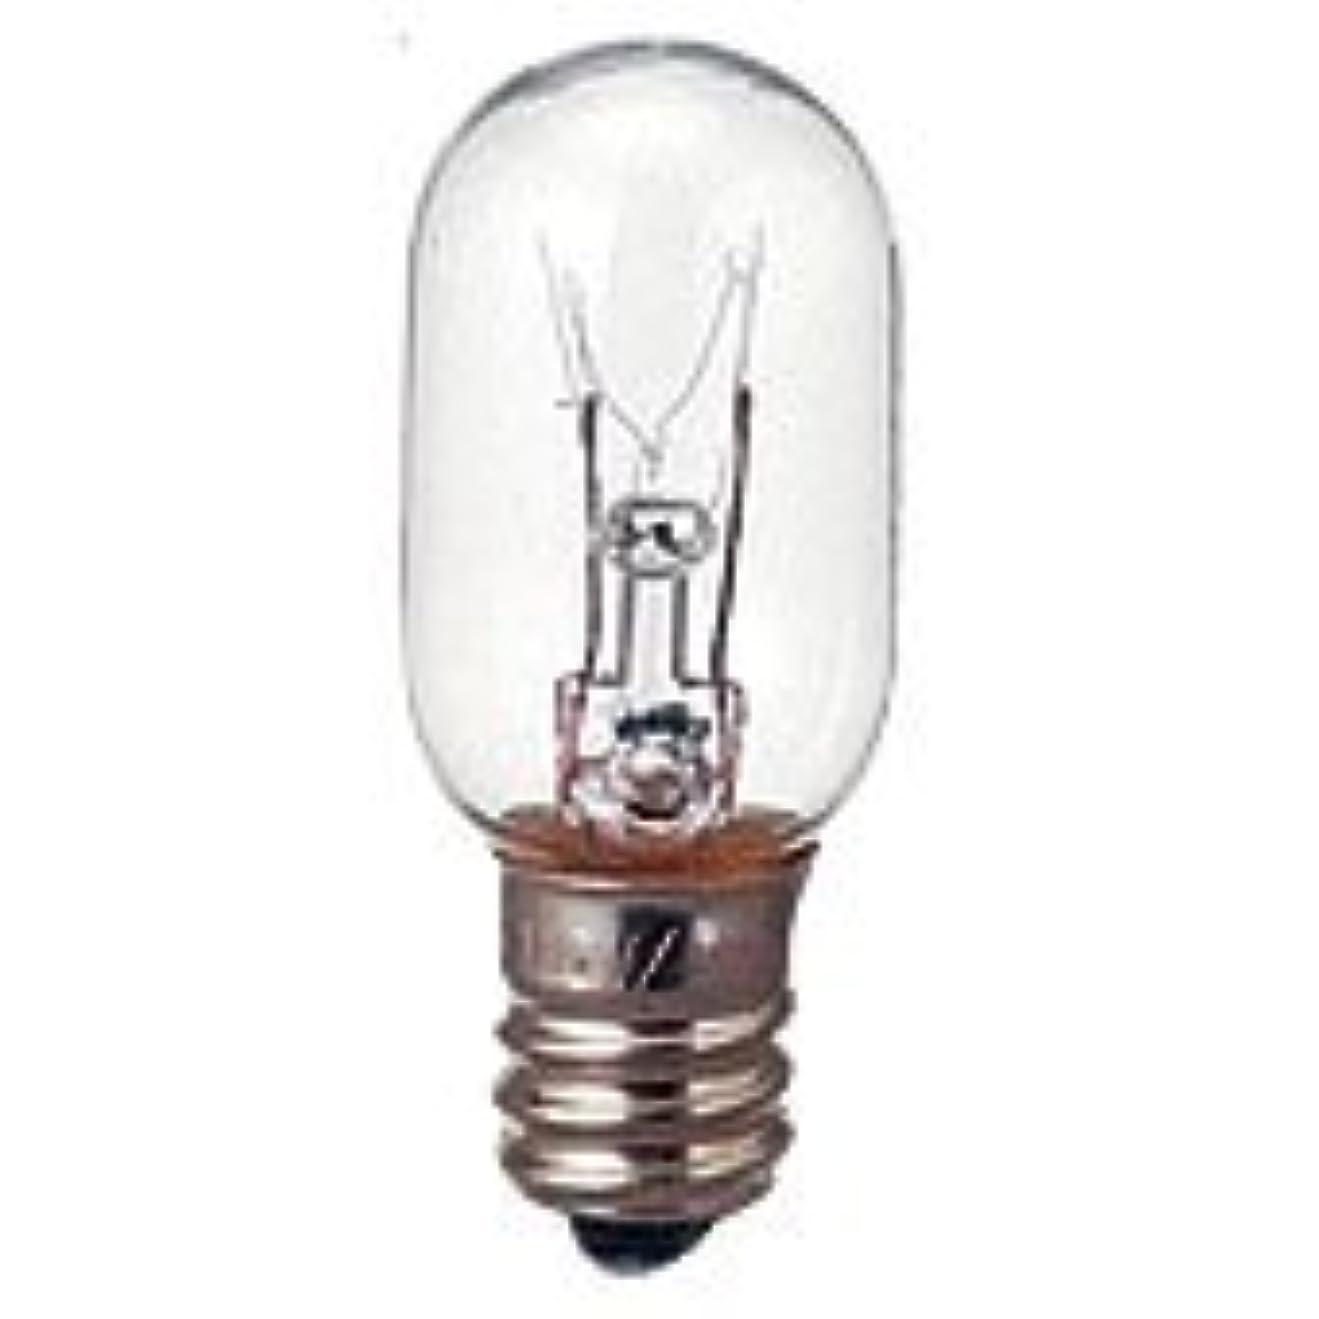 例代替盗賊生活の木 オールナイト用電球(5W)